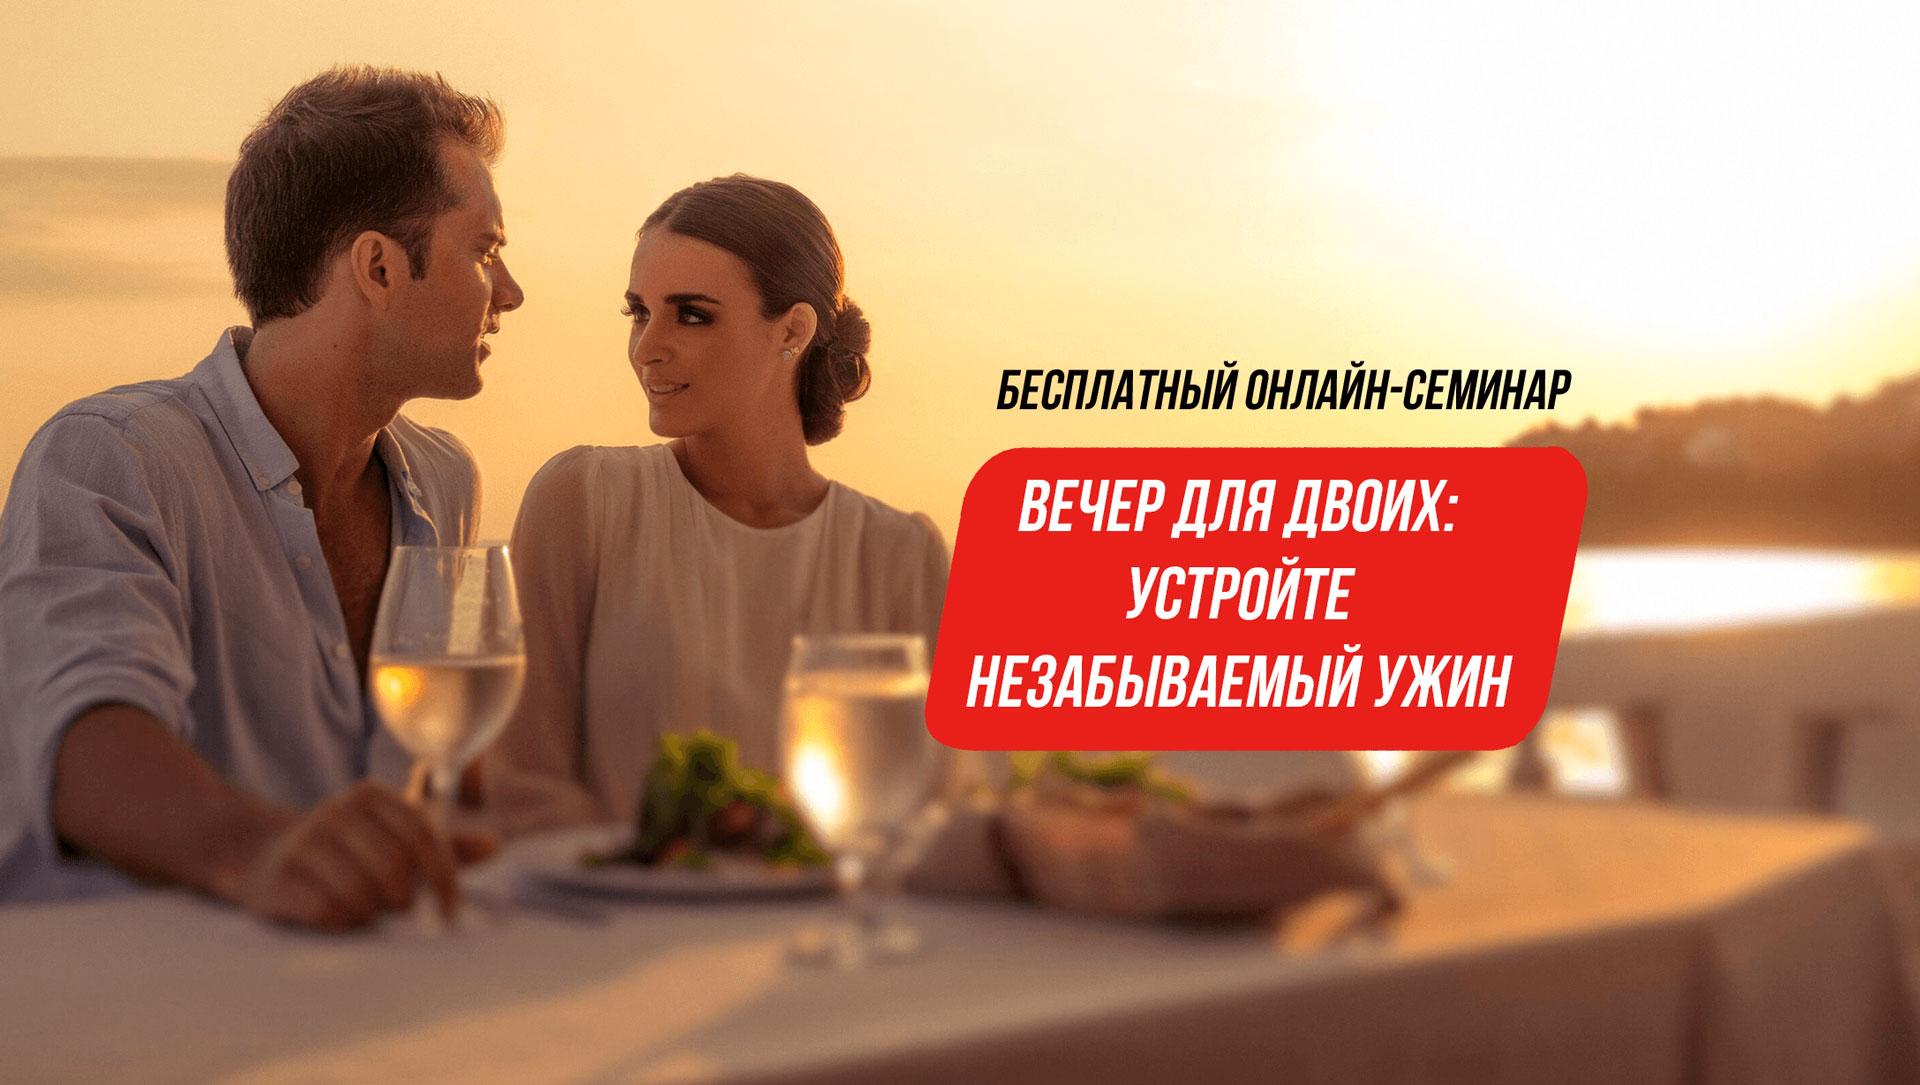 Вечер для двоих: устройте незабываемый ужин